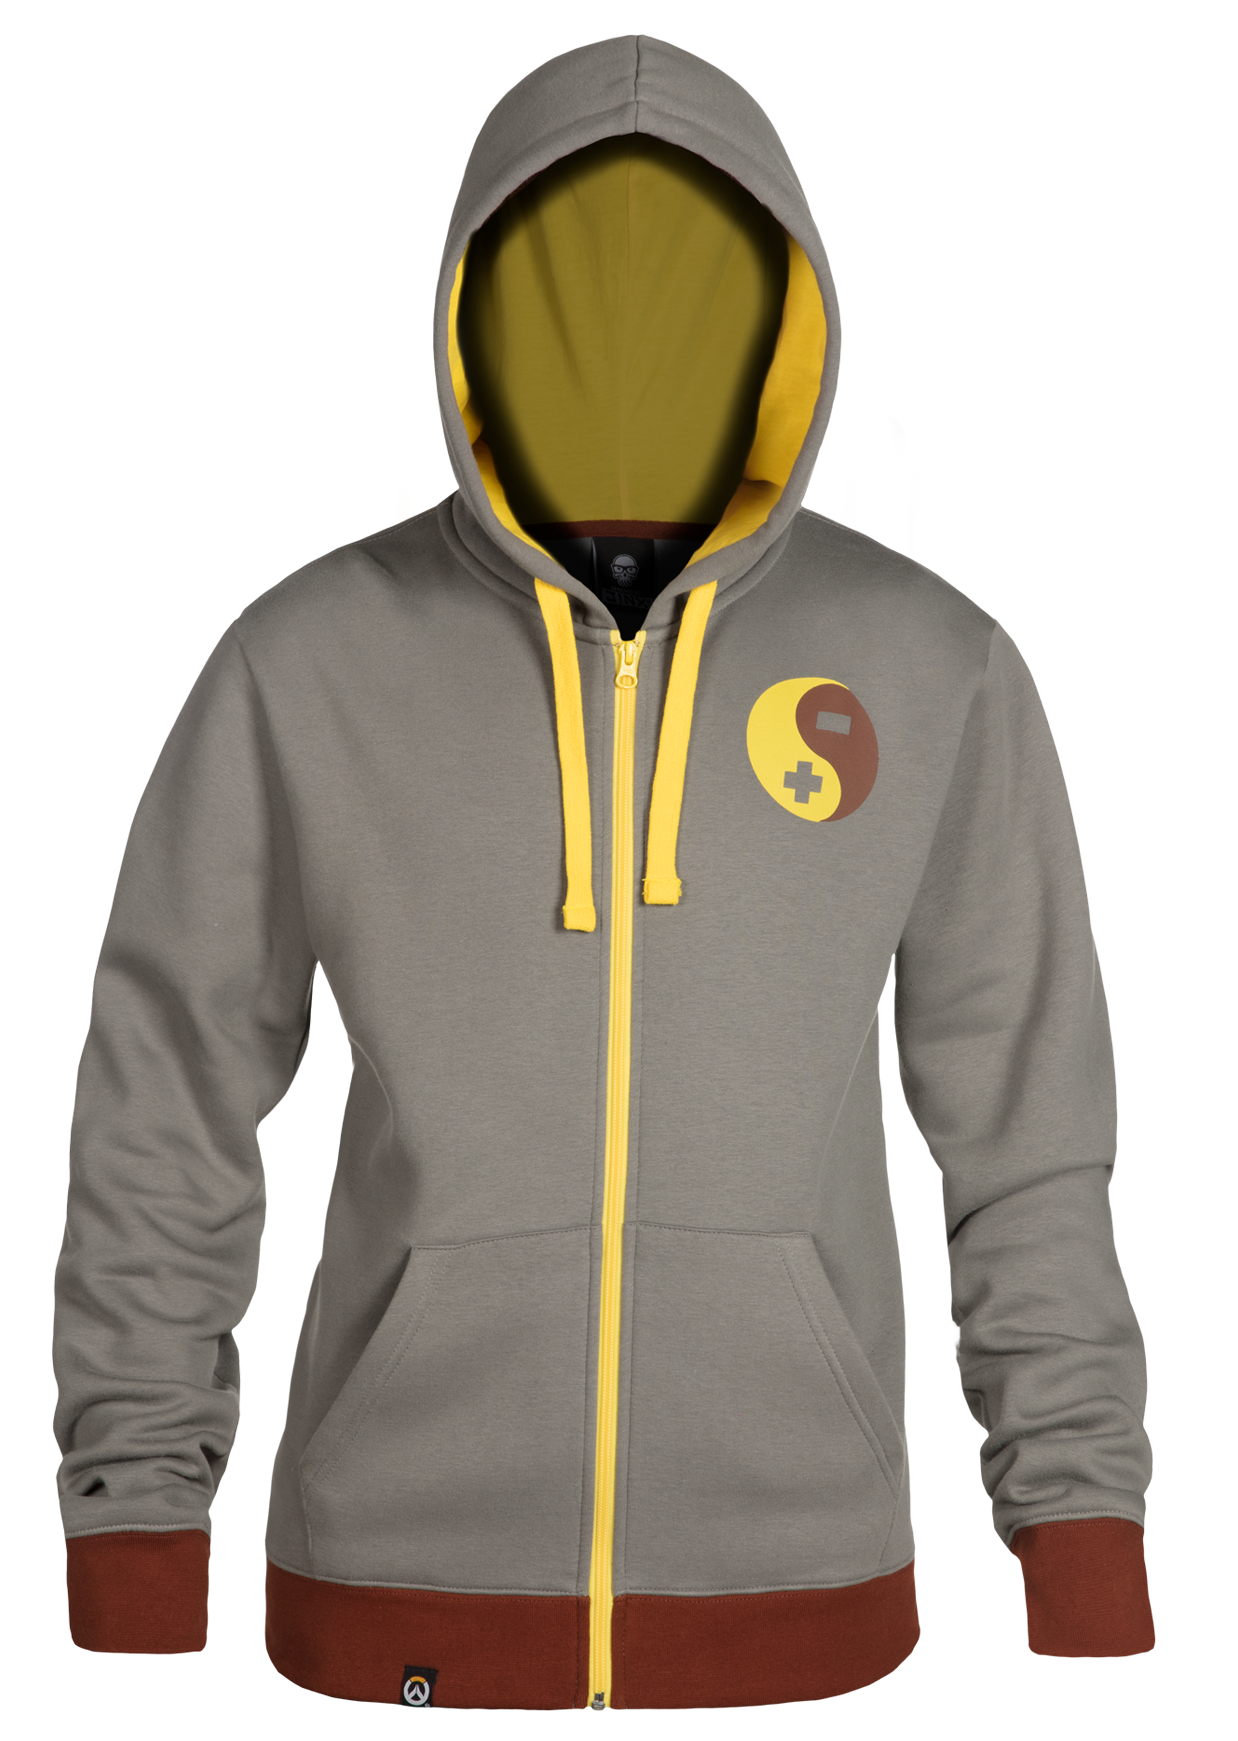 Product image of the Overwatch Ultimate Zenyatta Zip-Up Hoodie